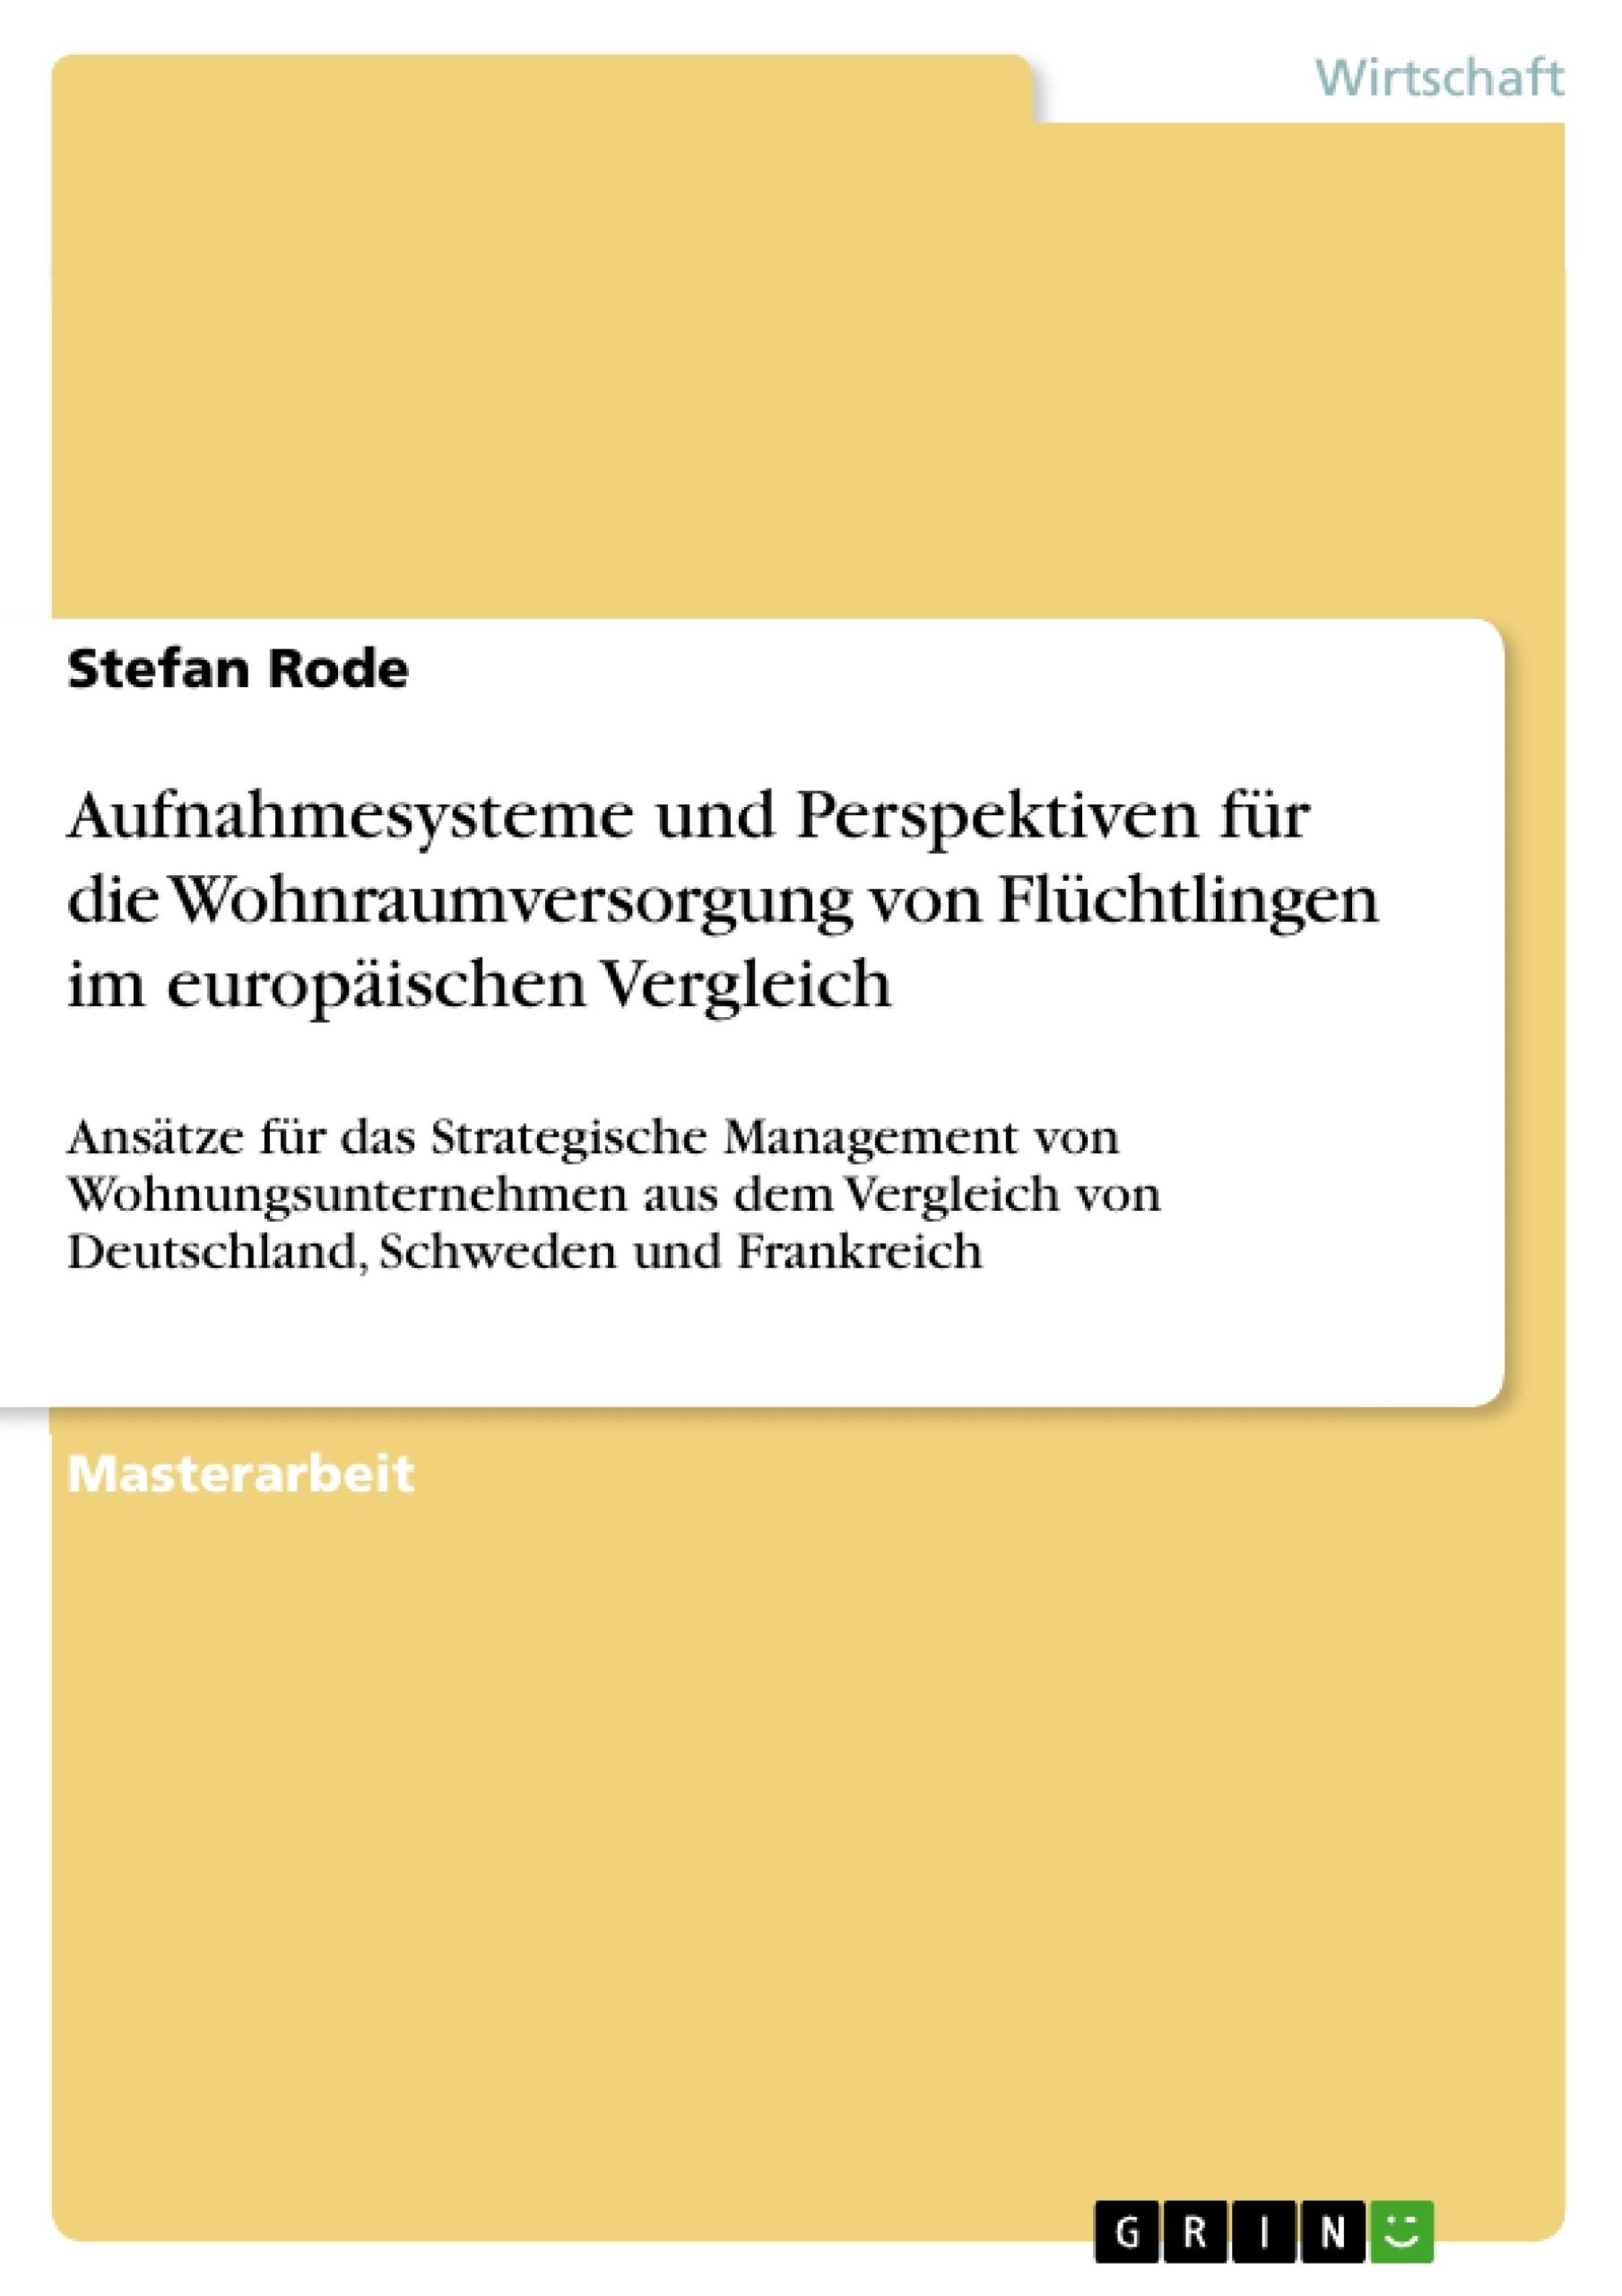 Titel: Aufnahmesysteme und Perspektiven für die Wohnraumversorgung von Flüchtlingen im europäischen Vergleich